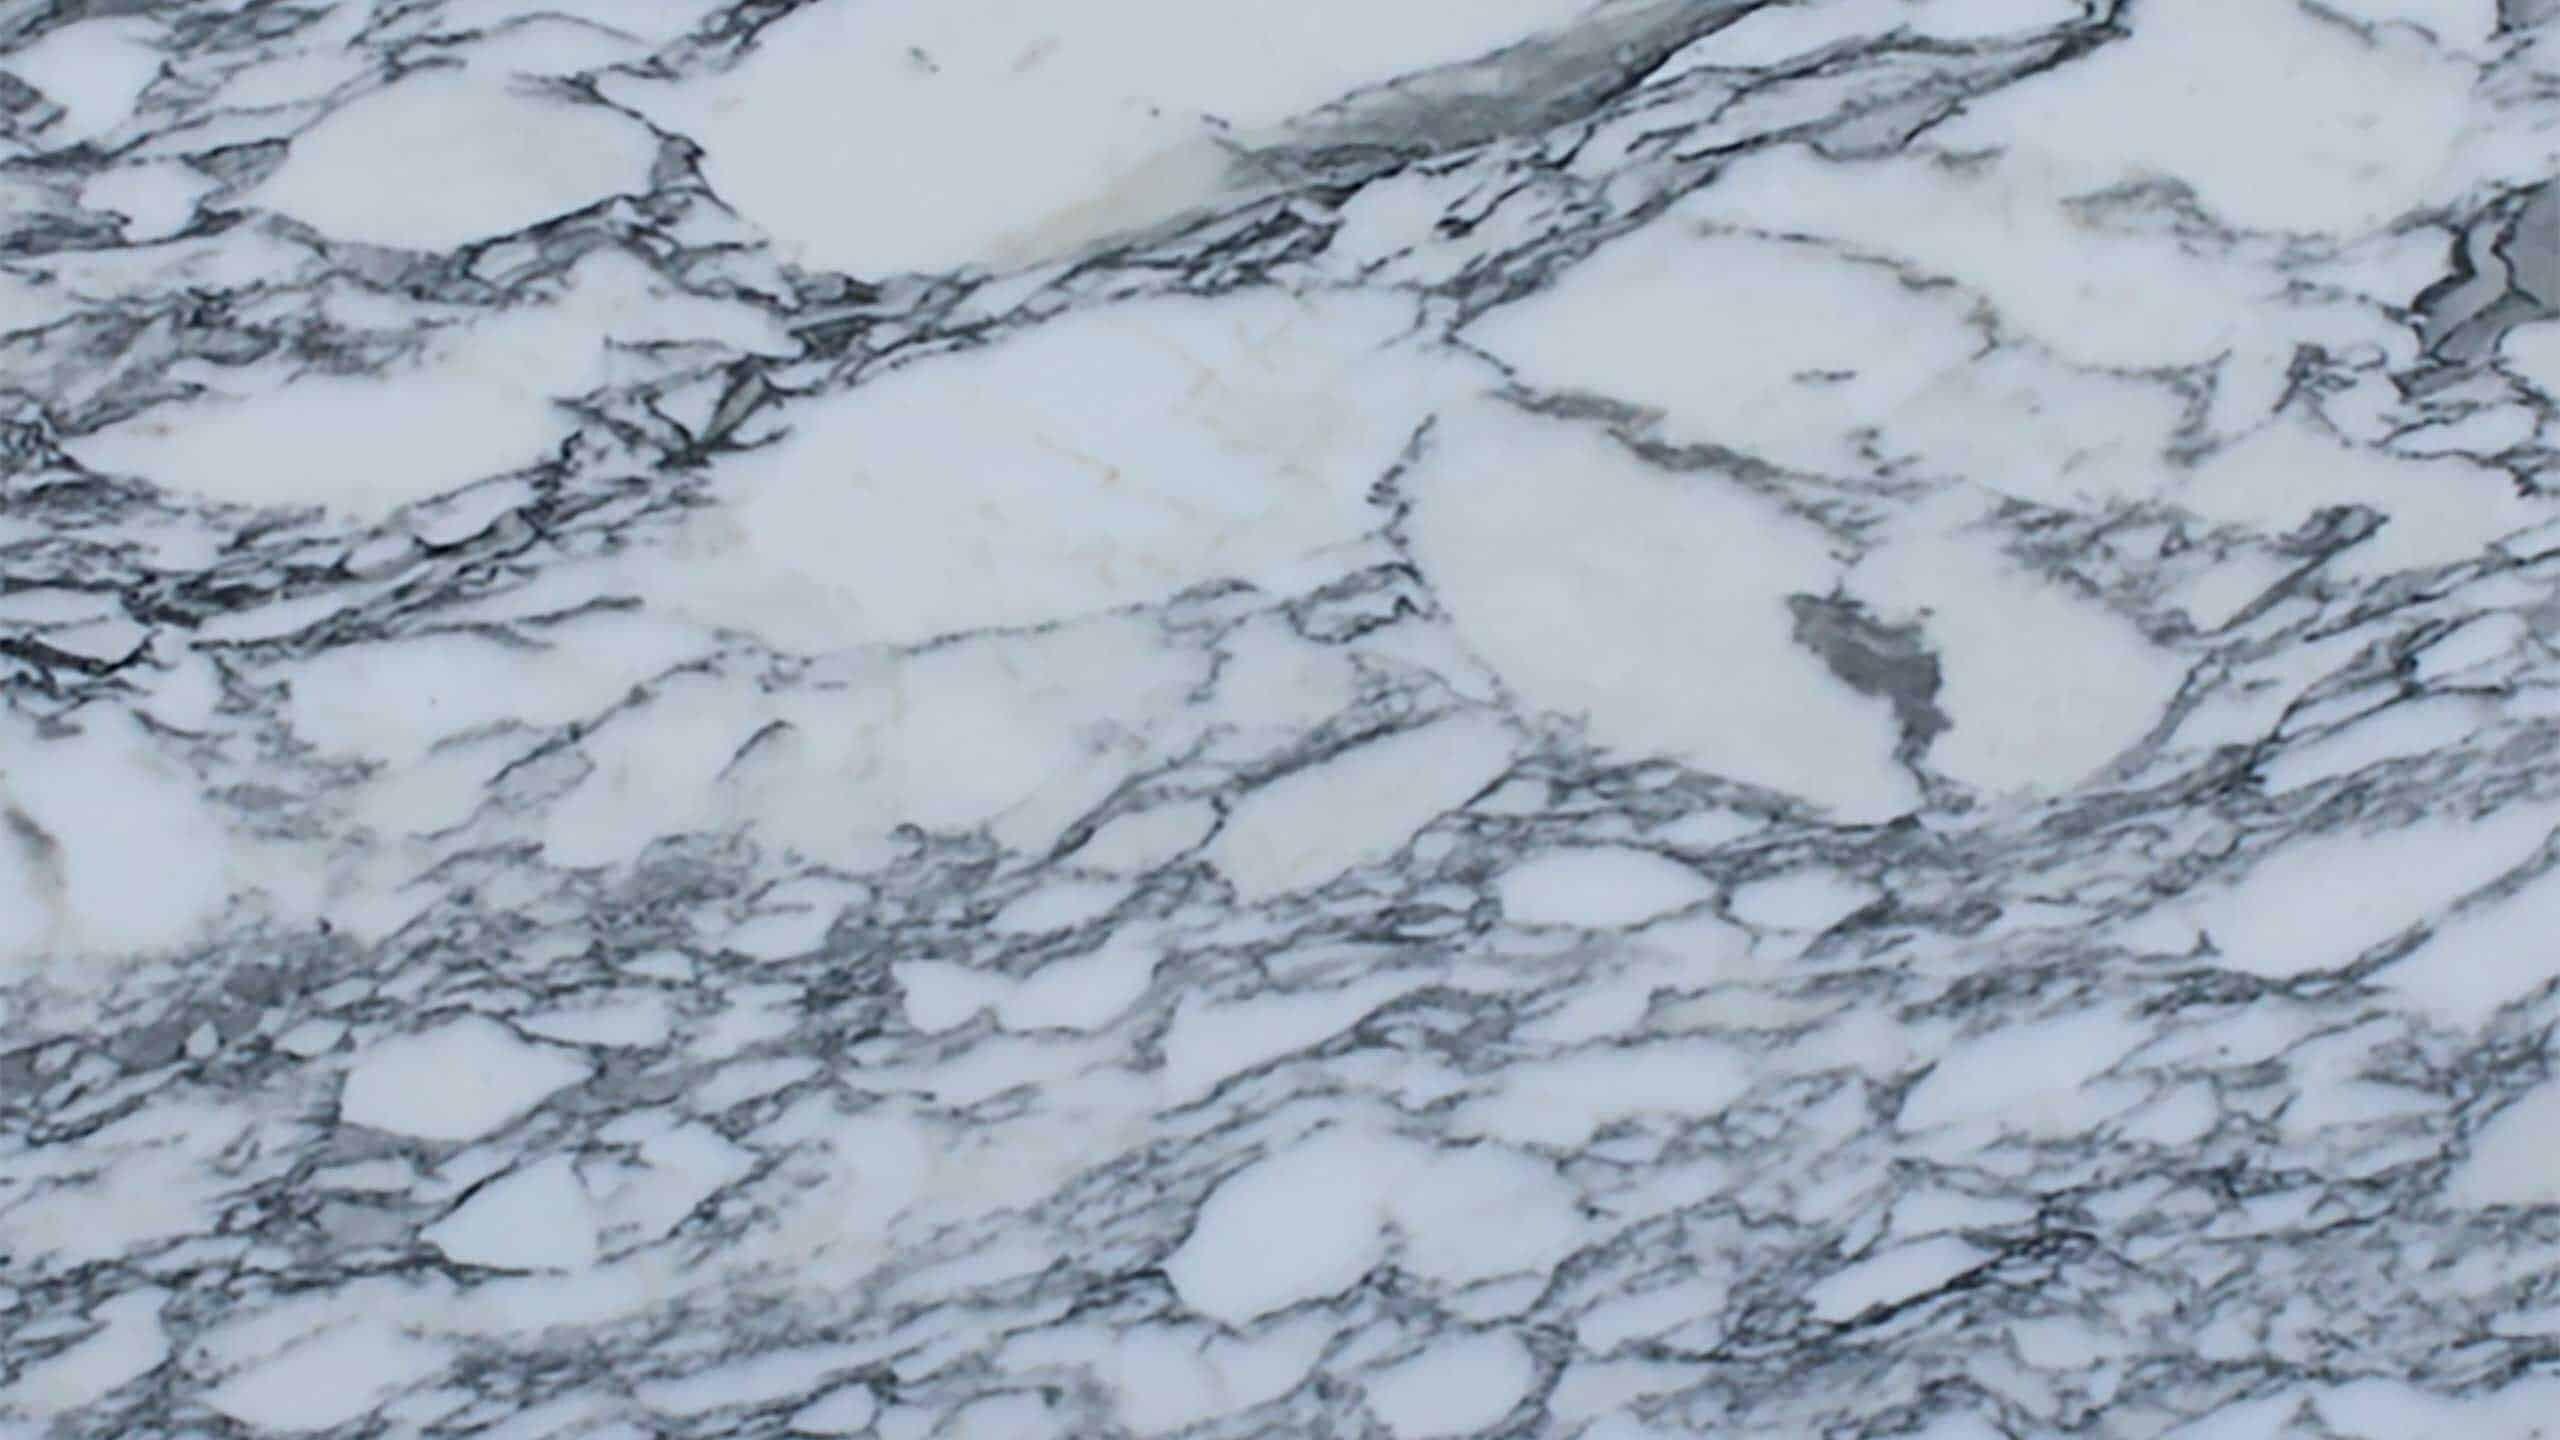 Arabescato Corchia Natural Stone